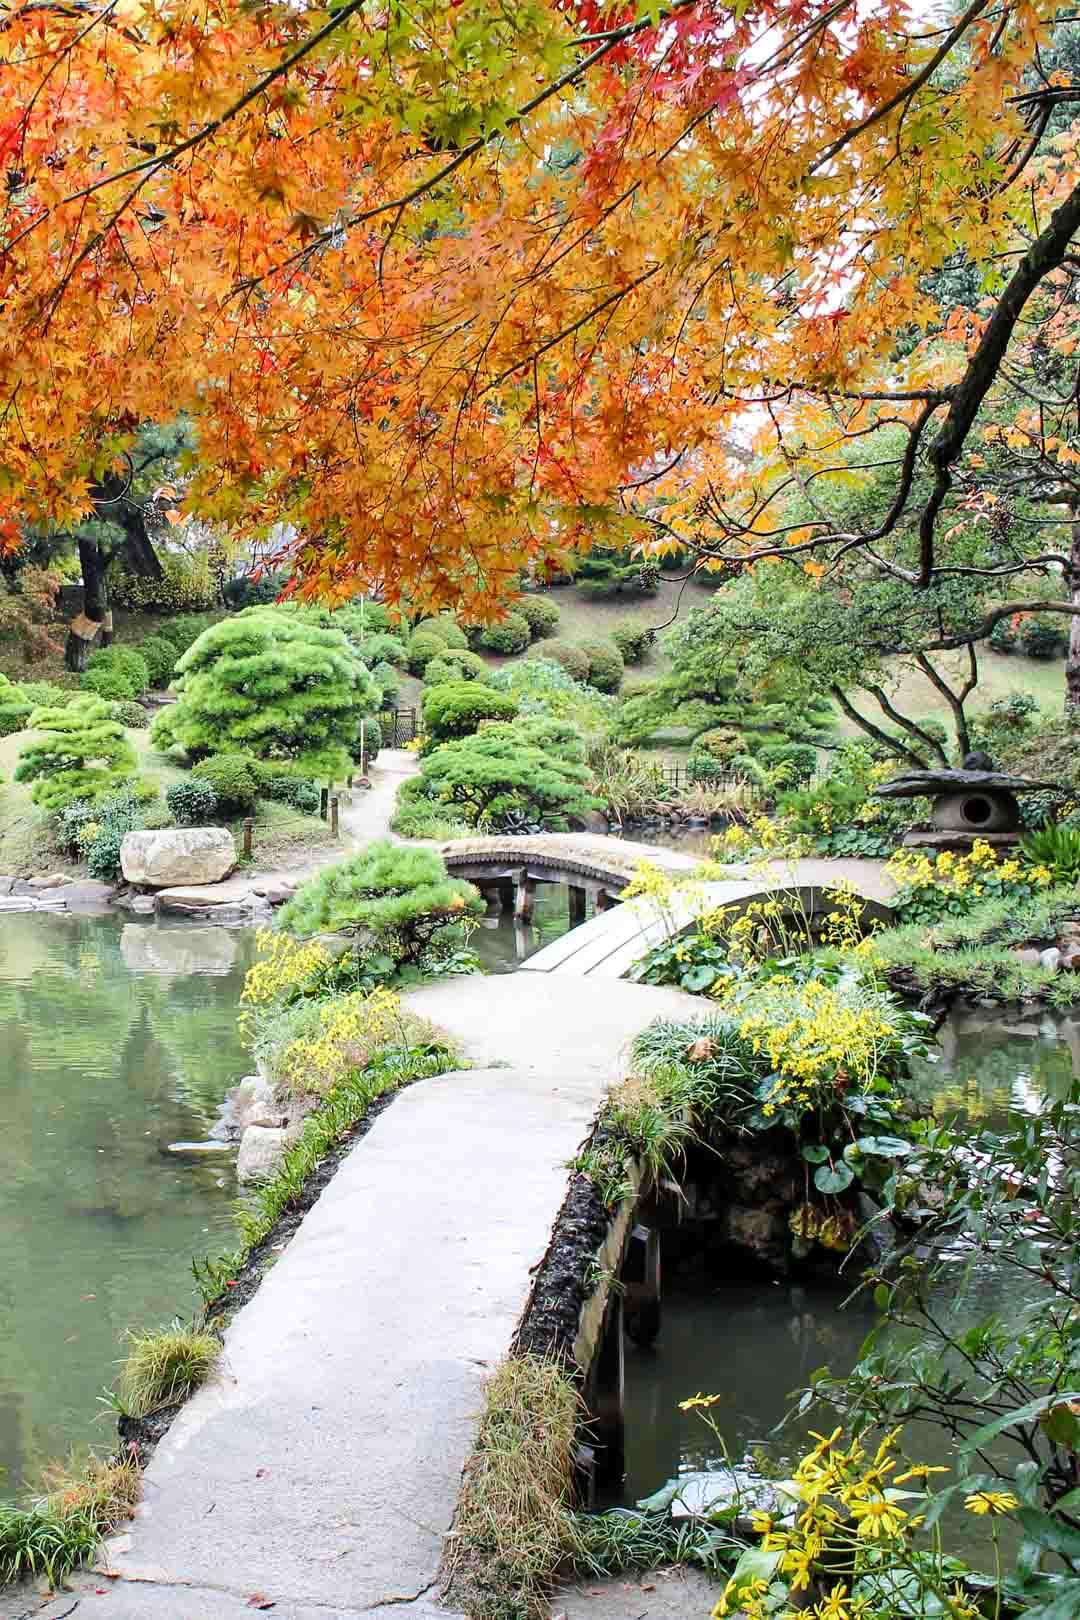 Shukkeien japanilainen puutarha Hiroshimassa Japanissa